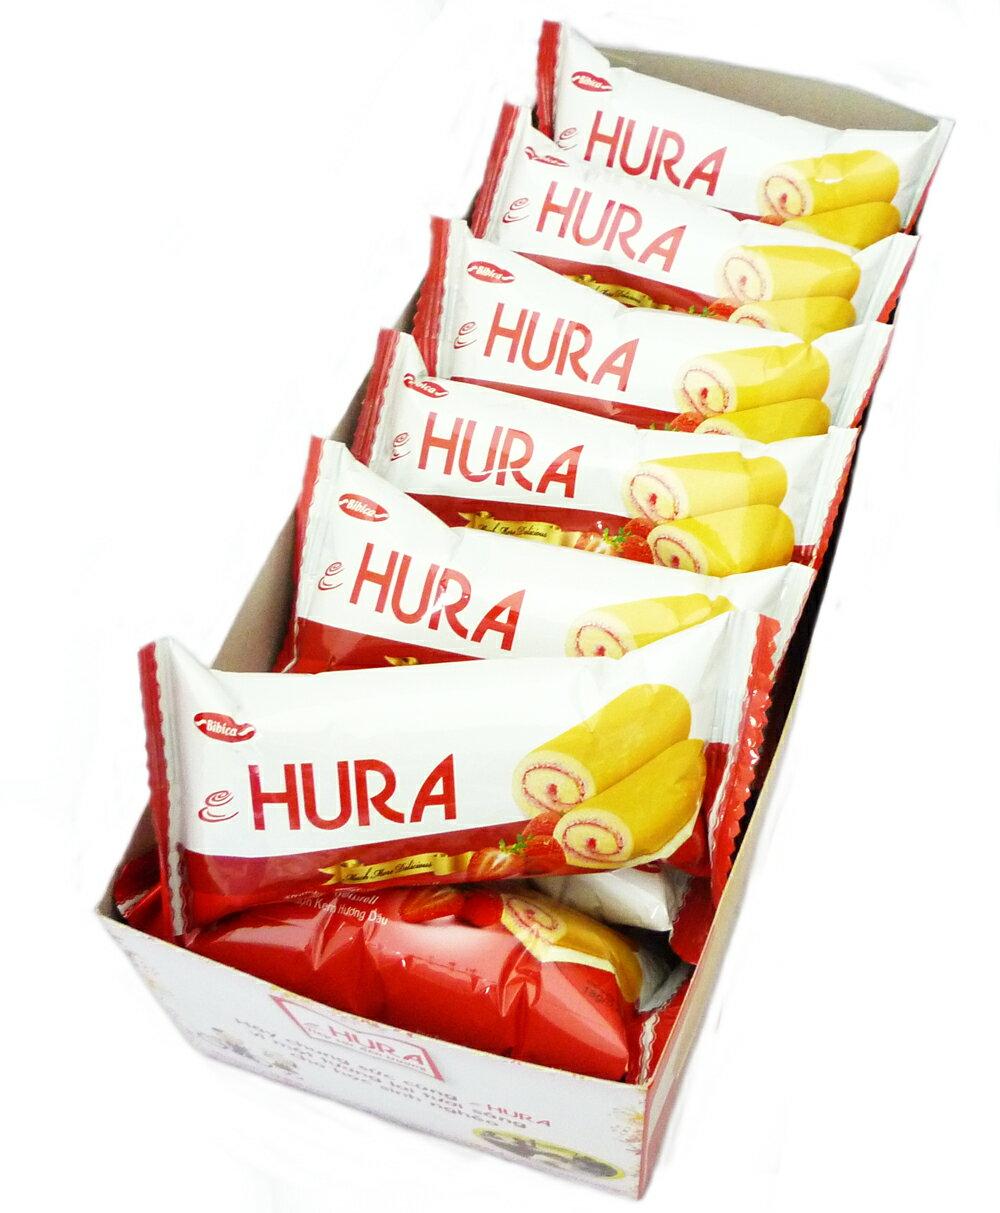 【草莓季、巧克力8折起】HURA 迷你瑞士捲(草莓味) 360g整盒